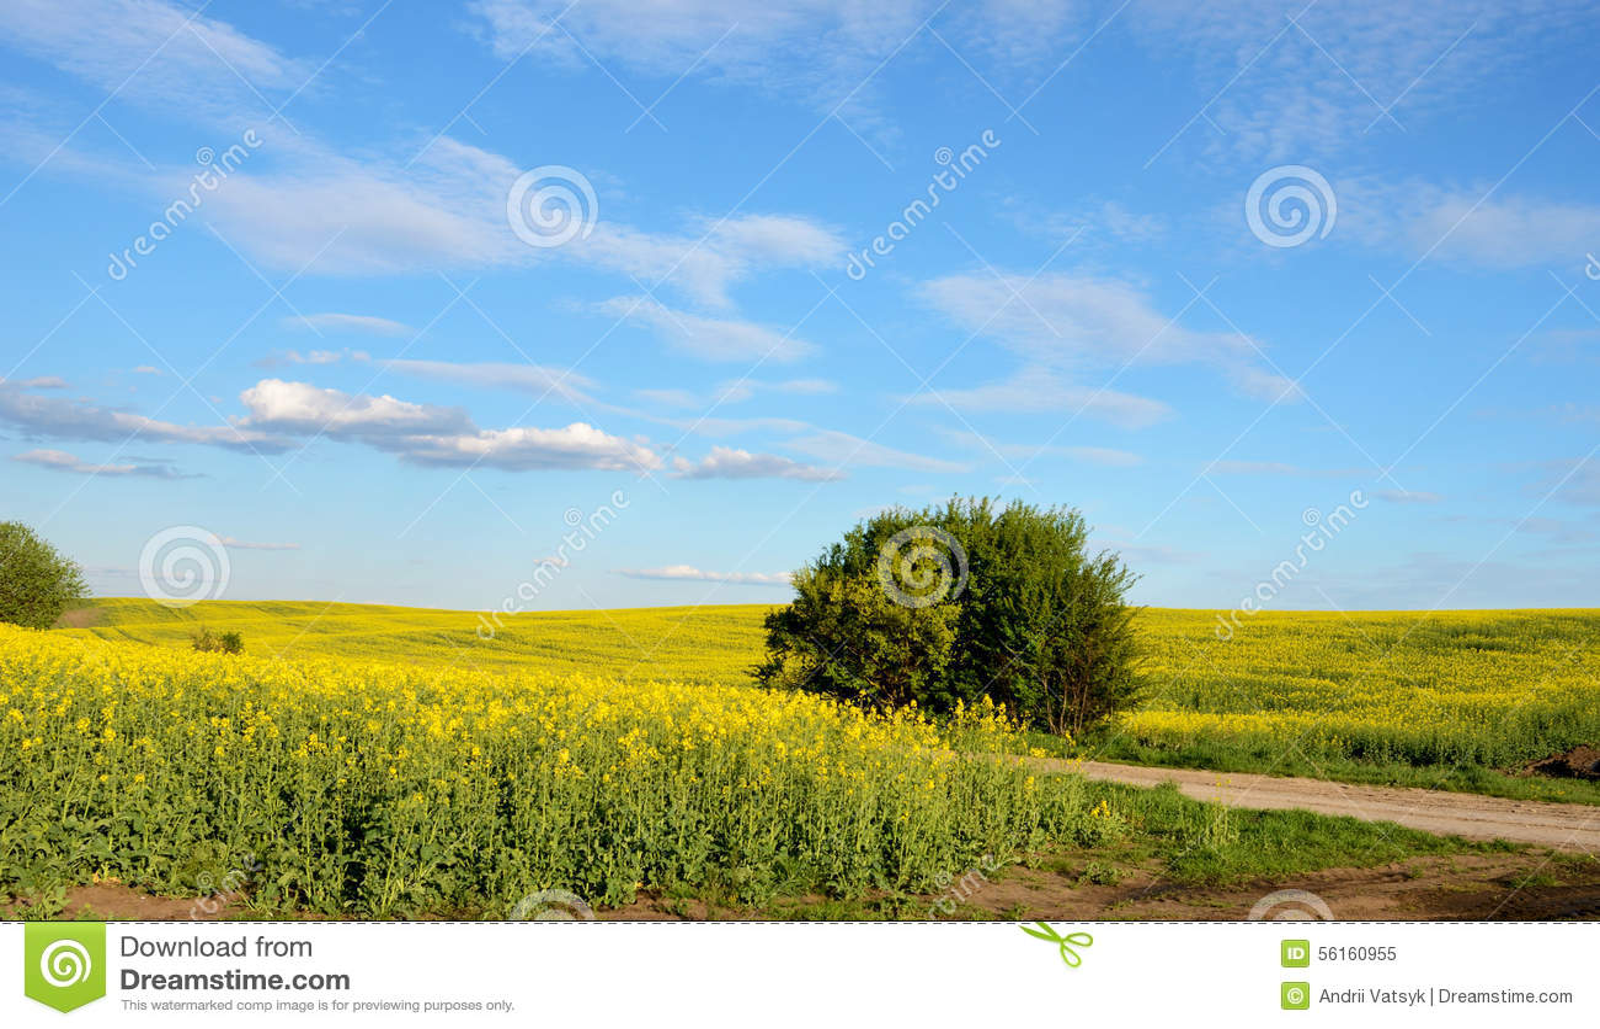 beautiful yellow field landscape - photo #19